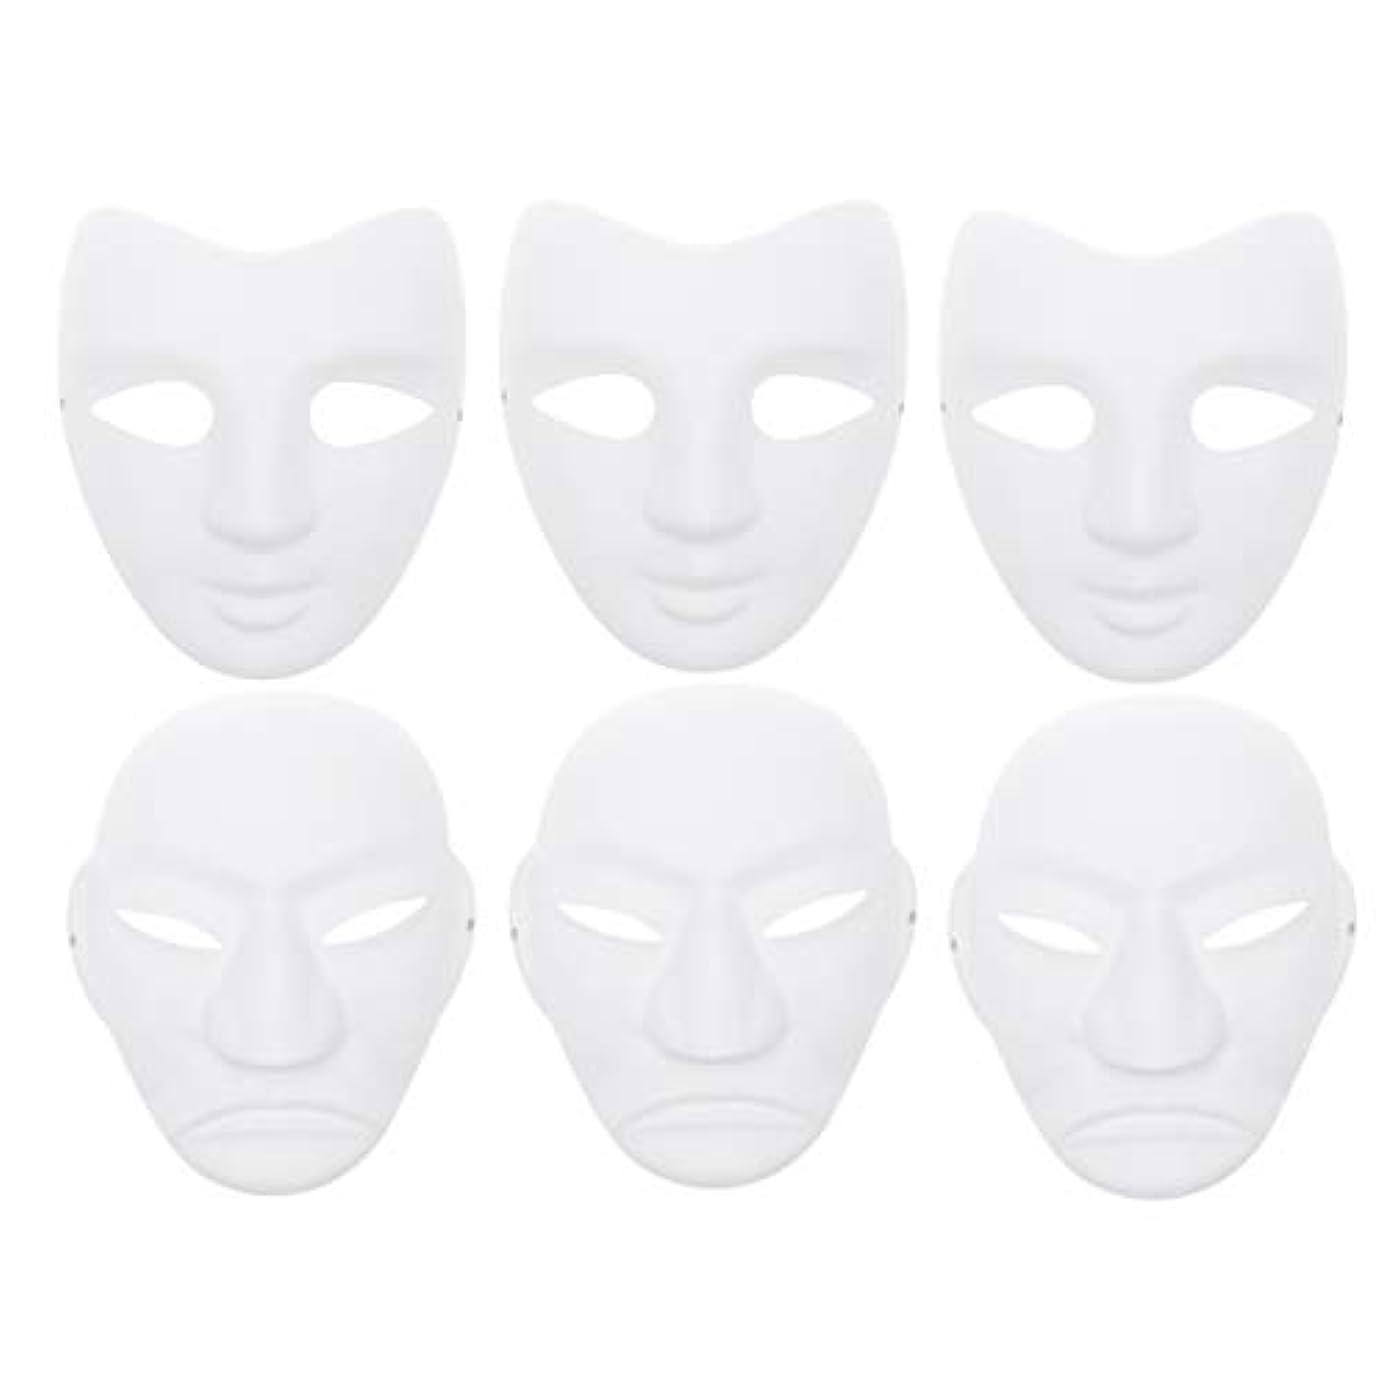 コンチネンタルスワップわかりやすいBESTOYARD 大人のダンスの仮面舞踏会のための6個のパルプブランクマスククラフトキットDIY